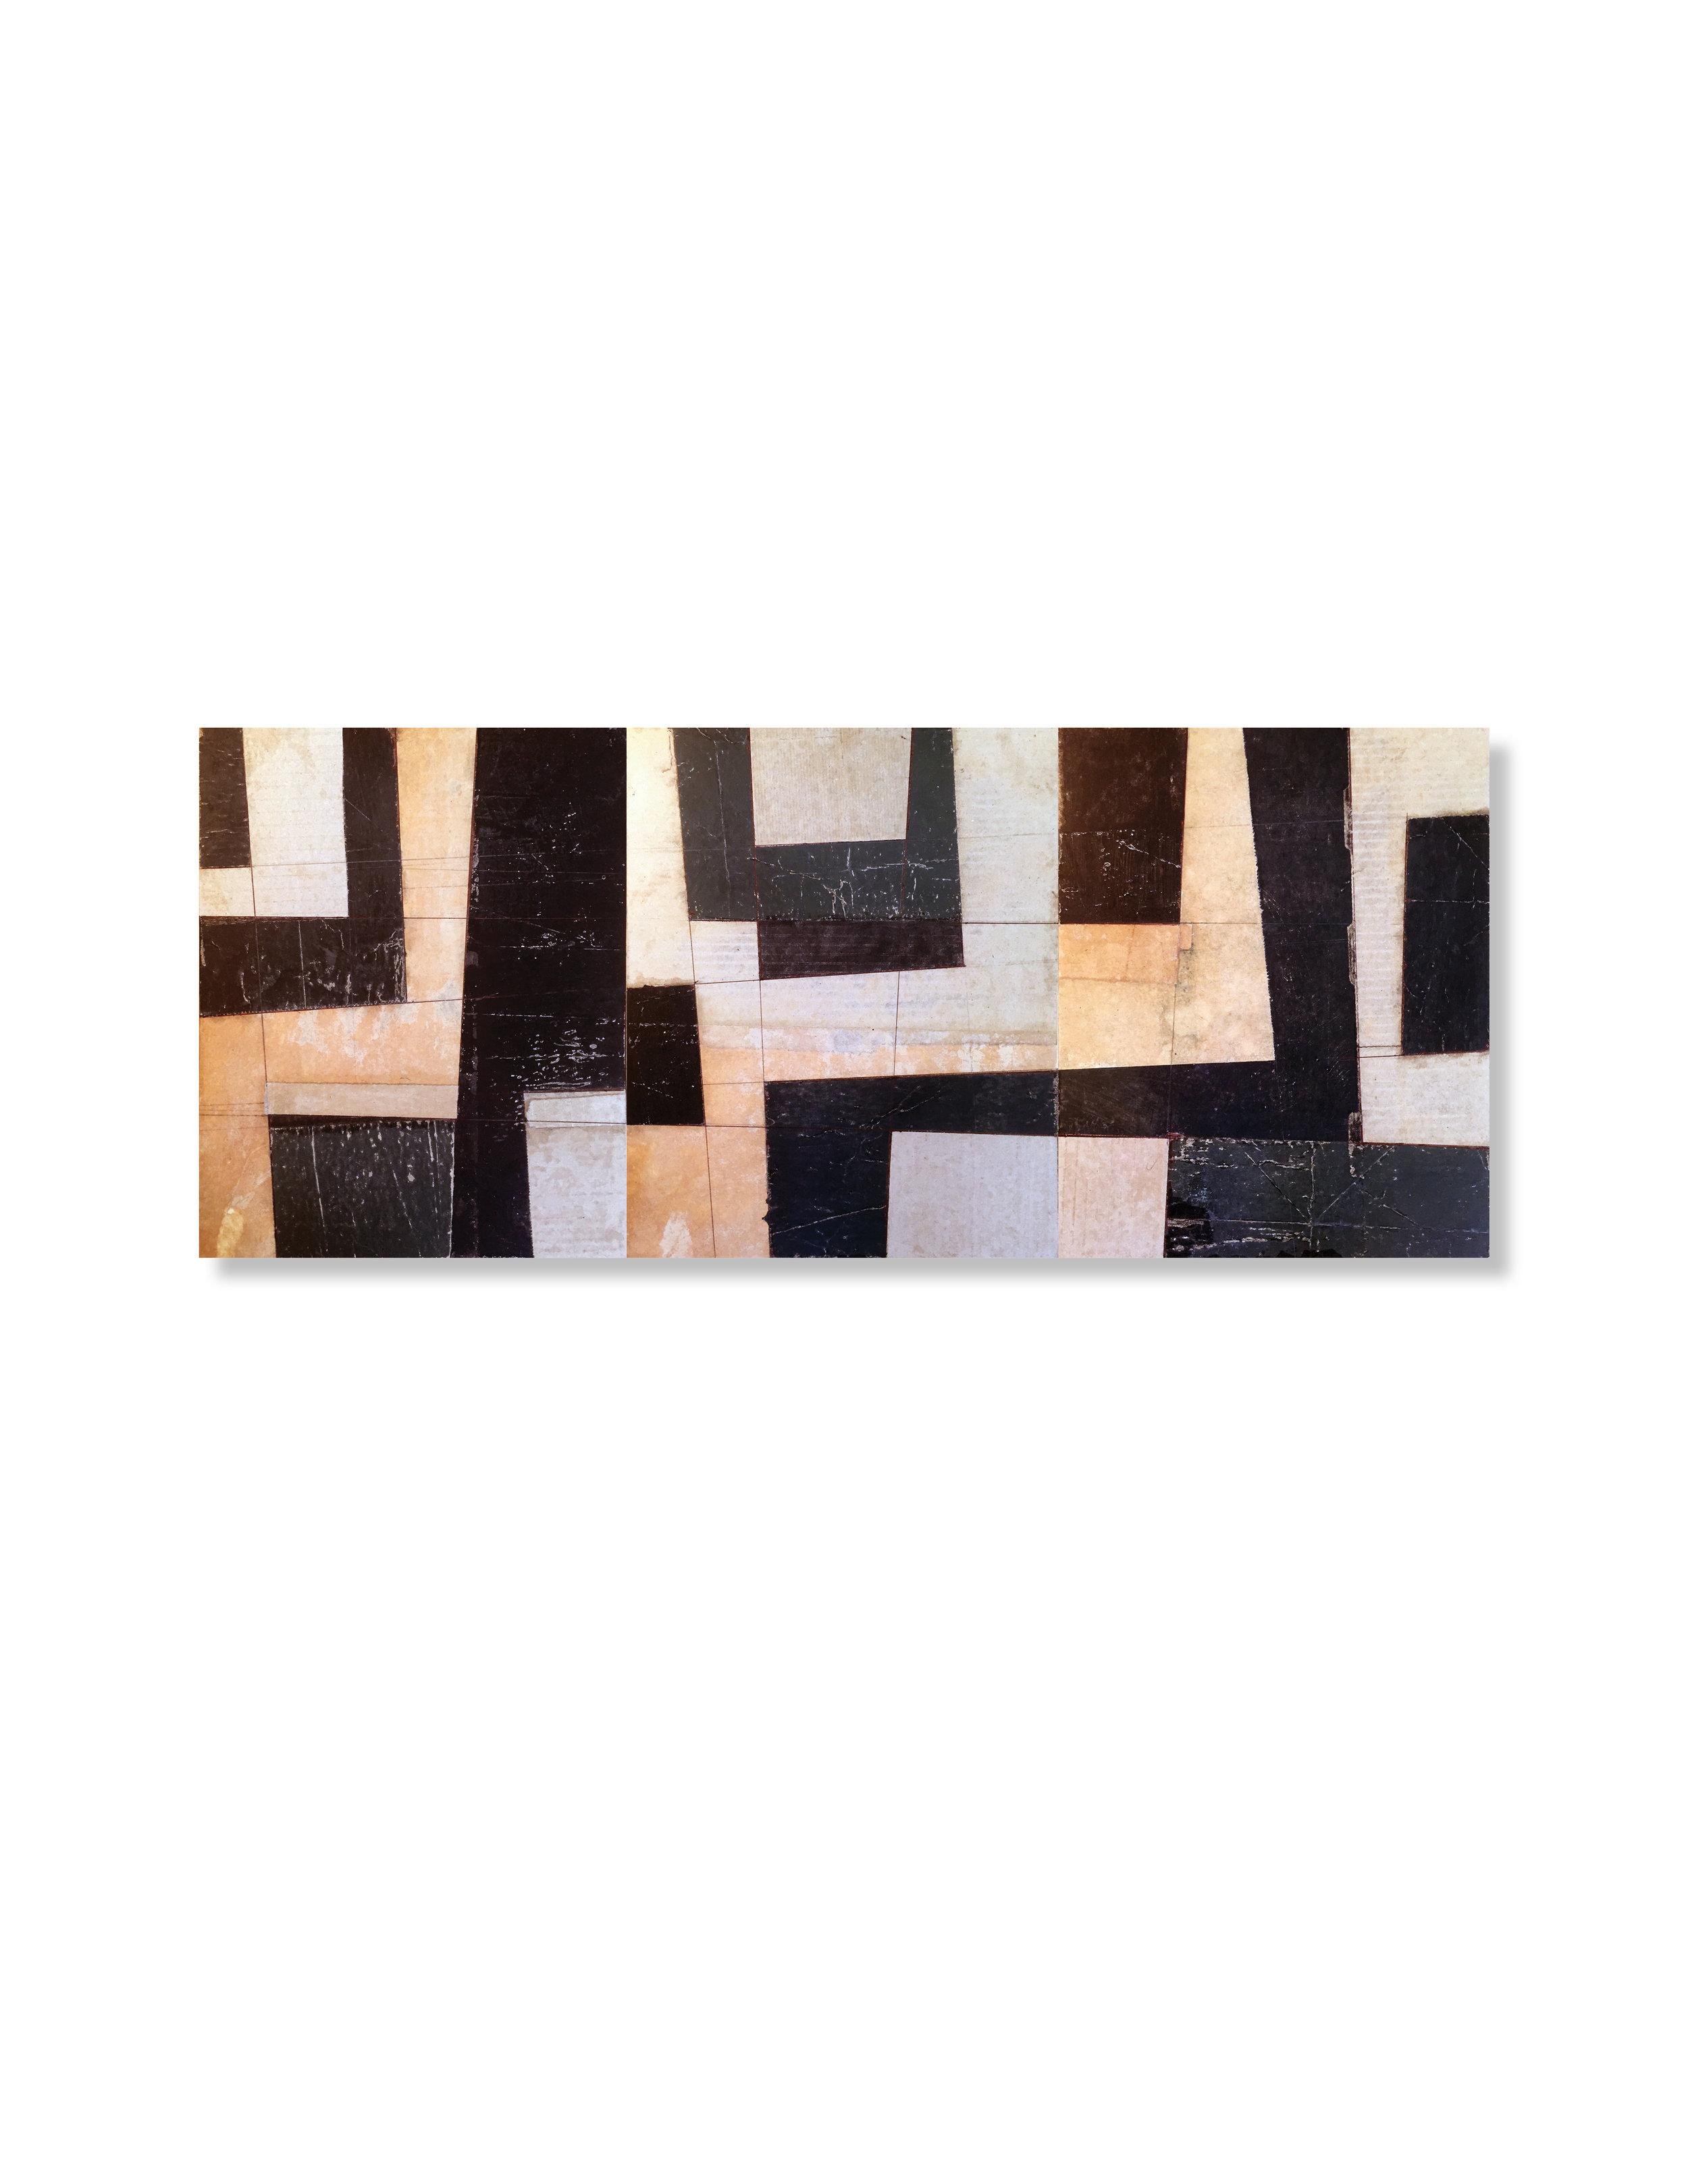 Black + Brown Triptych